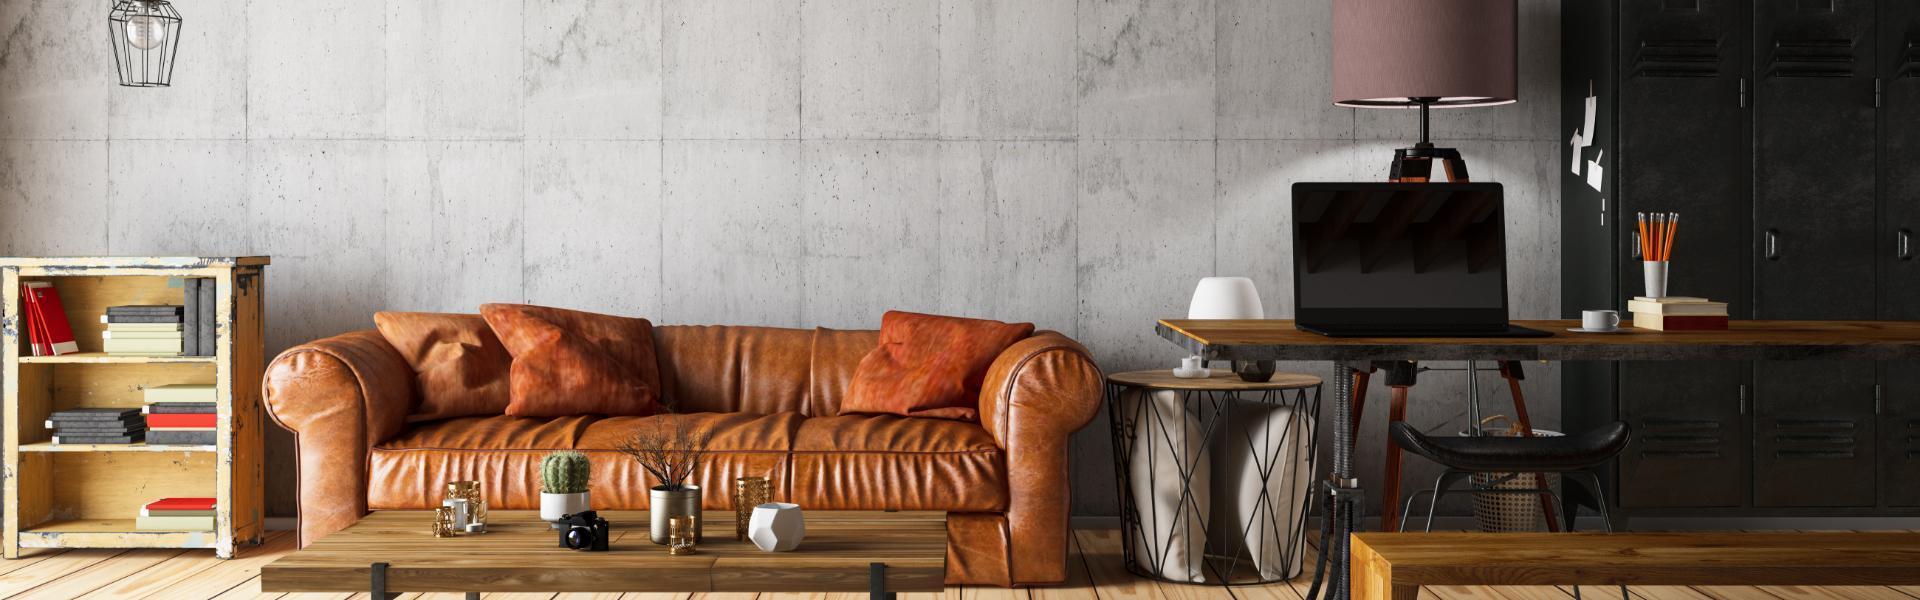 Skórzana kanapa obok biurka z laptopem